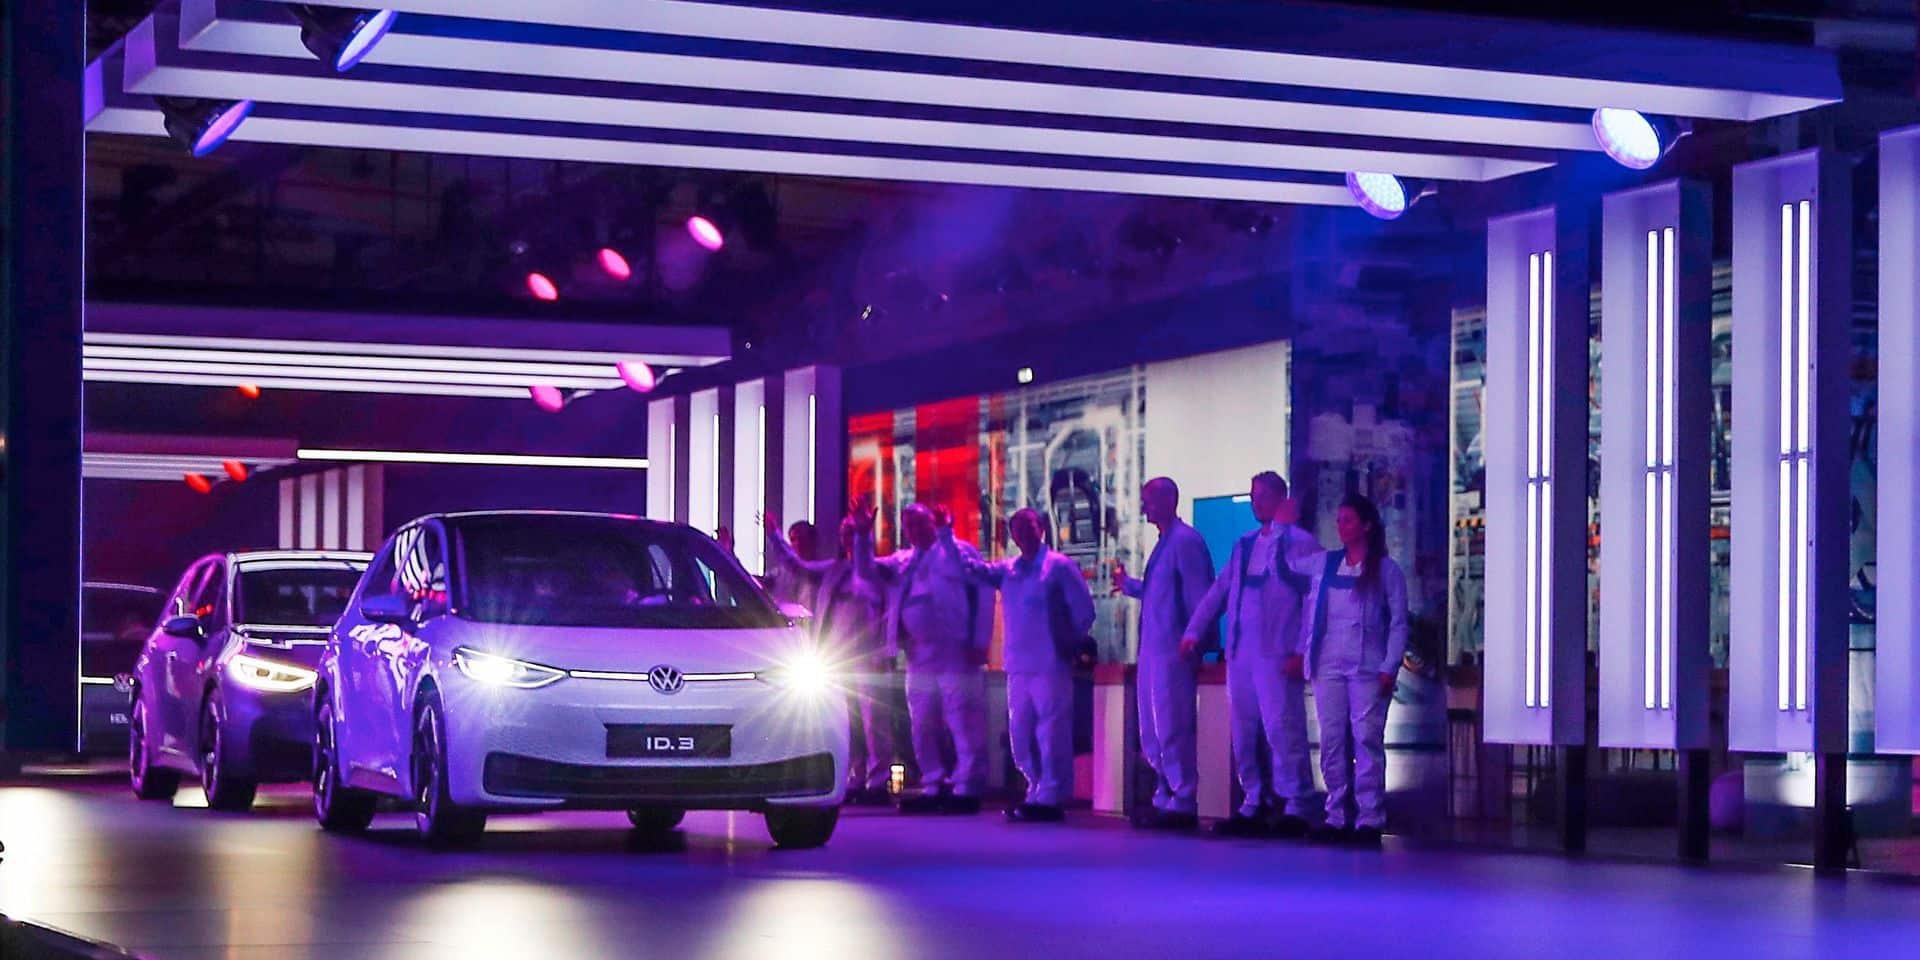 La première ID 3 est sortie cette semaine: une autre génération de Volkswagen est née